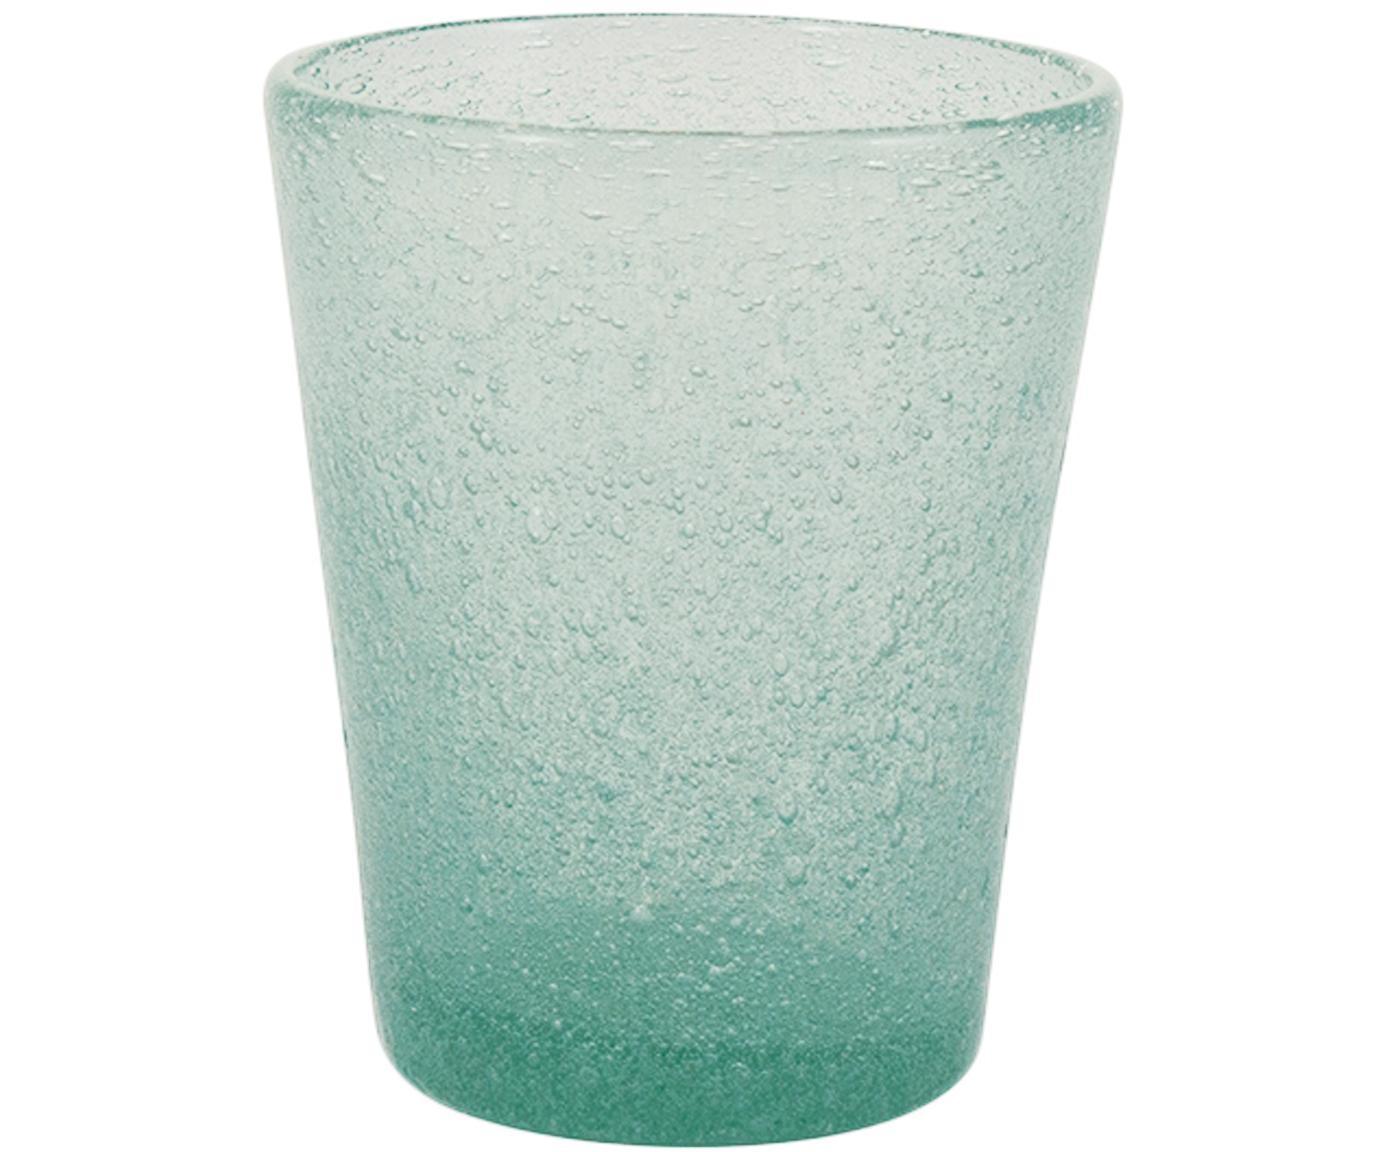 Mundgeblasene Wassergläser Cancun in Grün, 6 Stück, Glas, mundgeblasen, Grün, Ø 9 x H 10 cm